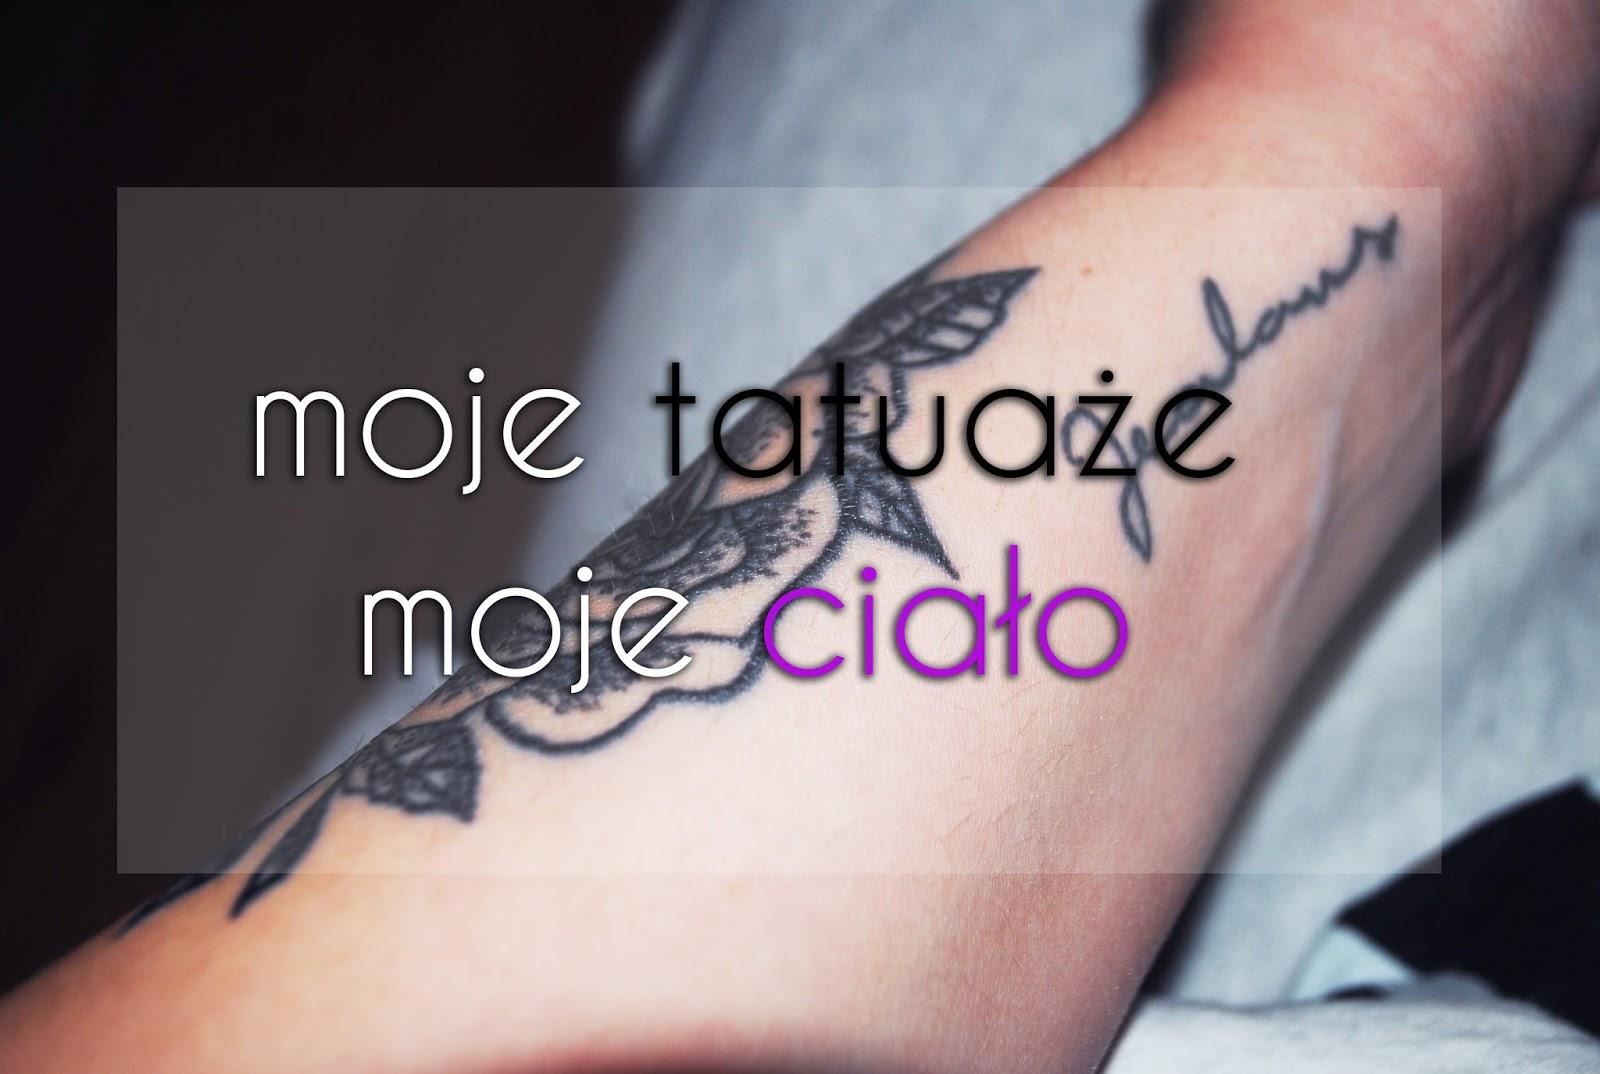 Moje Tatuaże Moje Ciało Mój Wybór Neska Kasia Blog